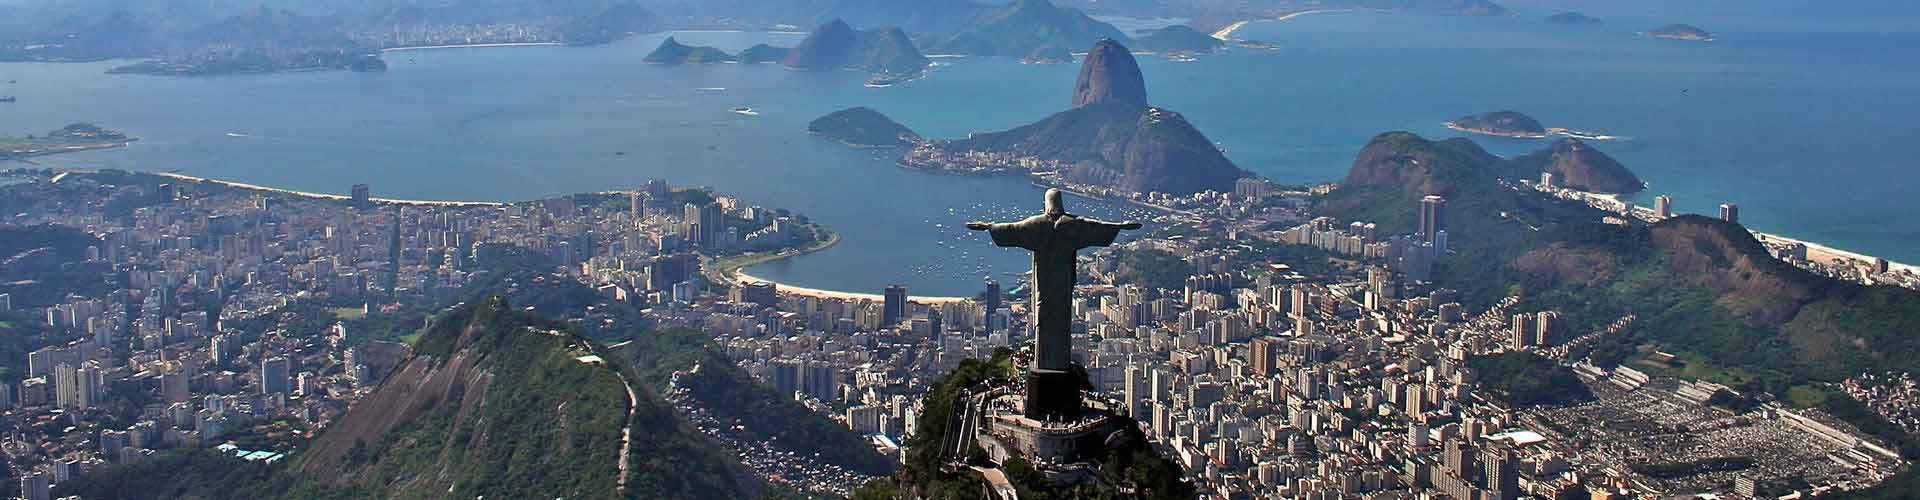 Río de Janeiro - Habitaciones en el distrito Botafogo. Mapas de Río de Janeiro, Fotos y Comentarios para cada habitación en Río de Janeiro.